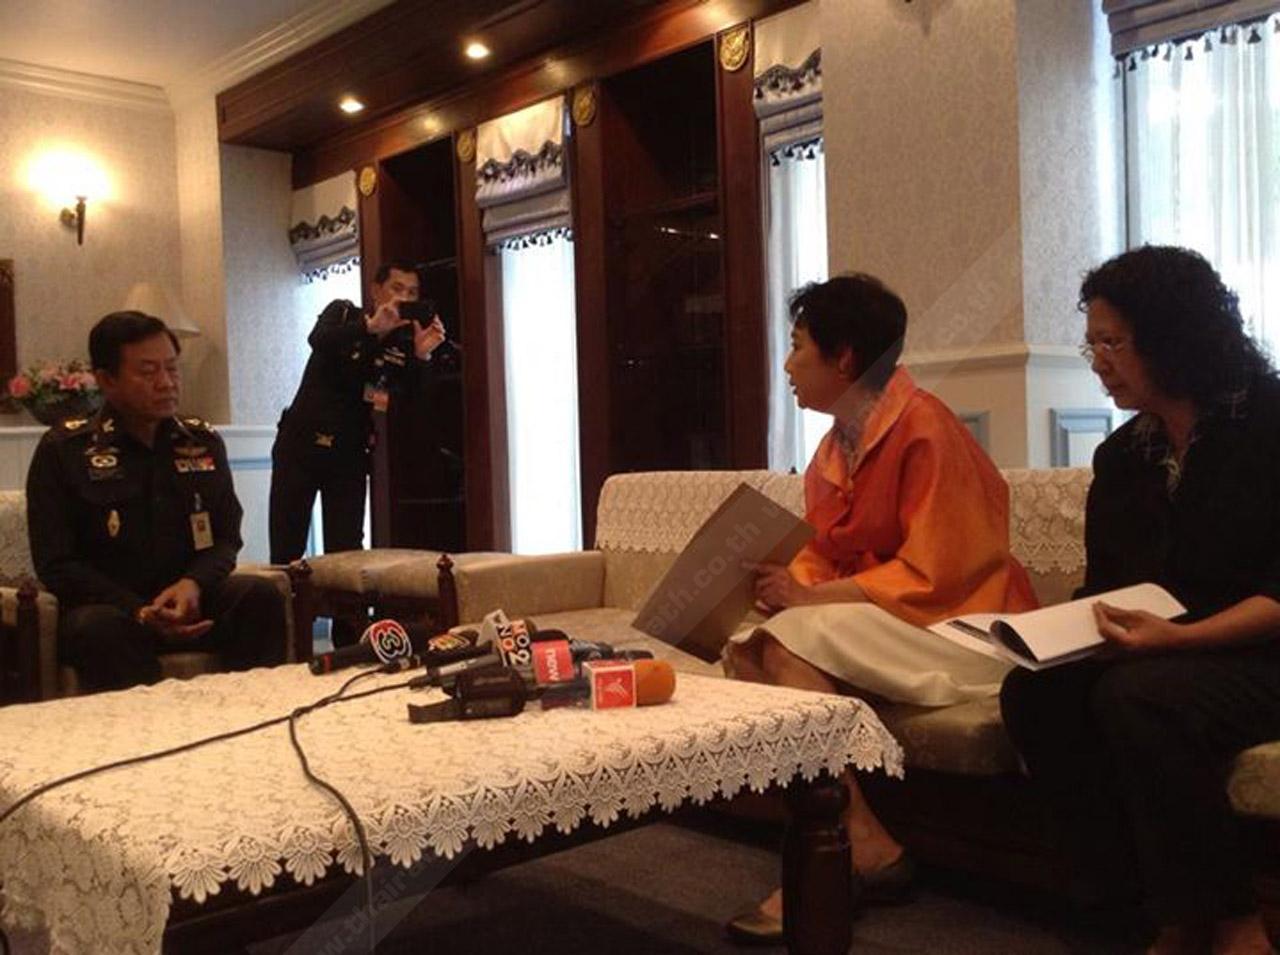 เลขานุการ กองทัพบก มารับหนังสือของ ประธานสภาวิชาชีพกิจการการแพร่ภาพและการกระจายเสียง (ประเทศไทย)